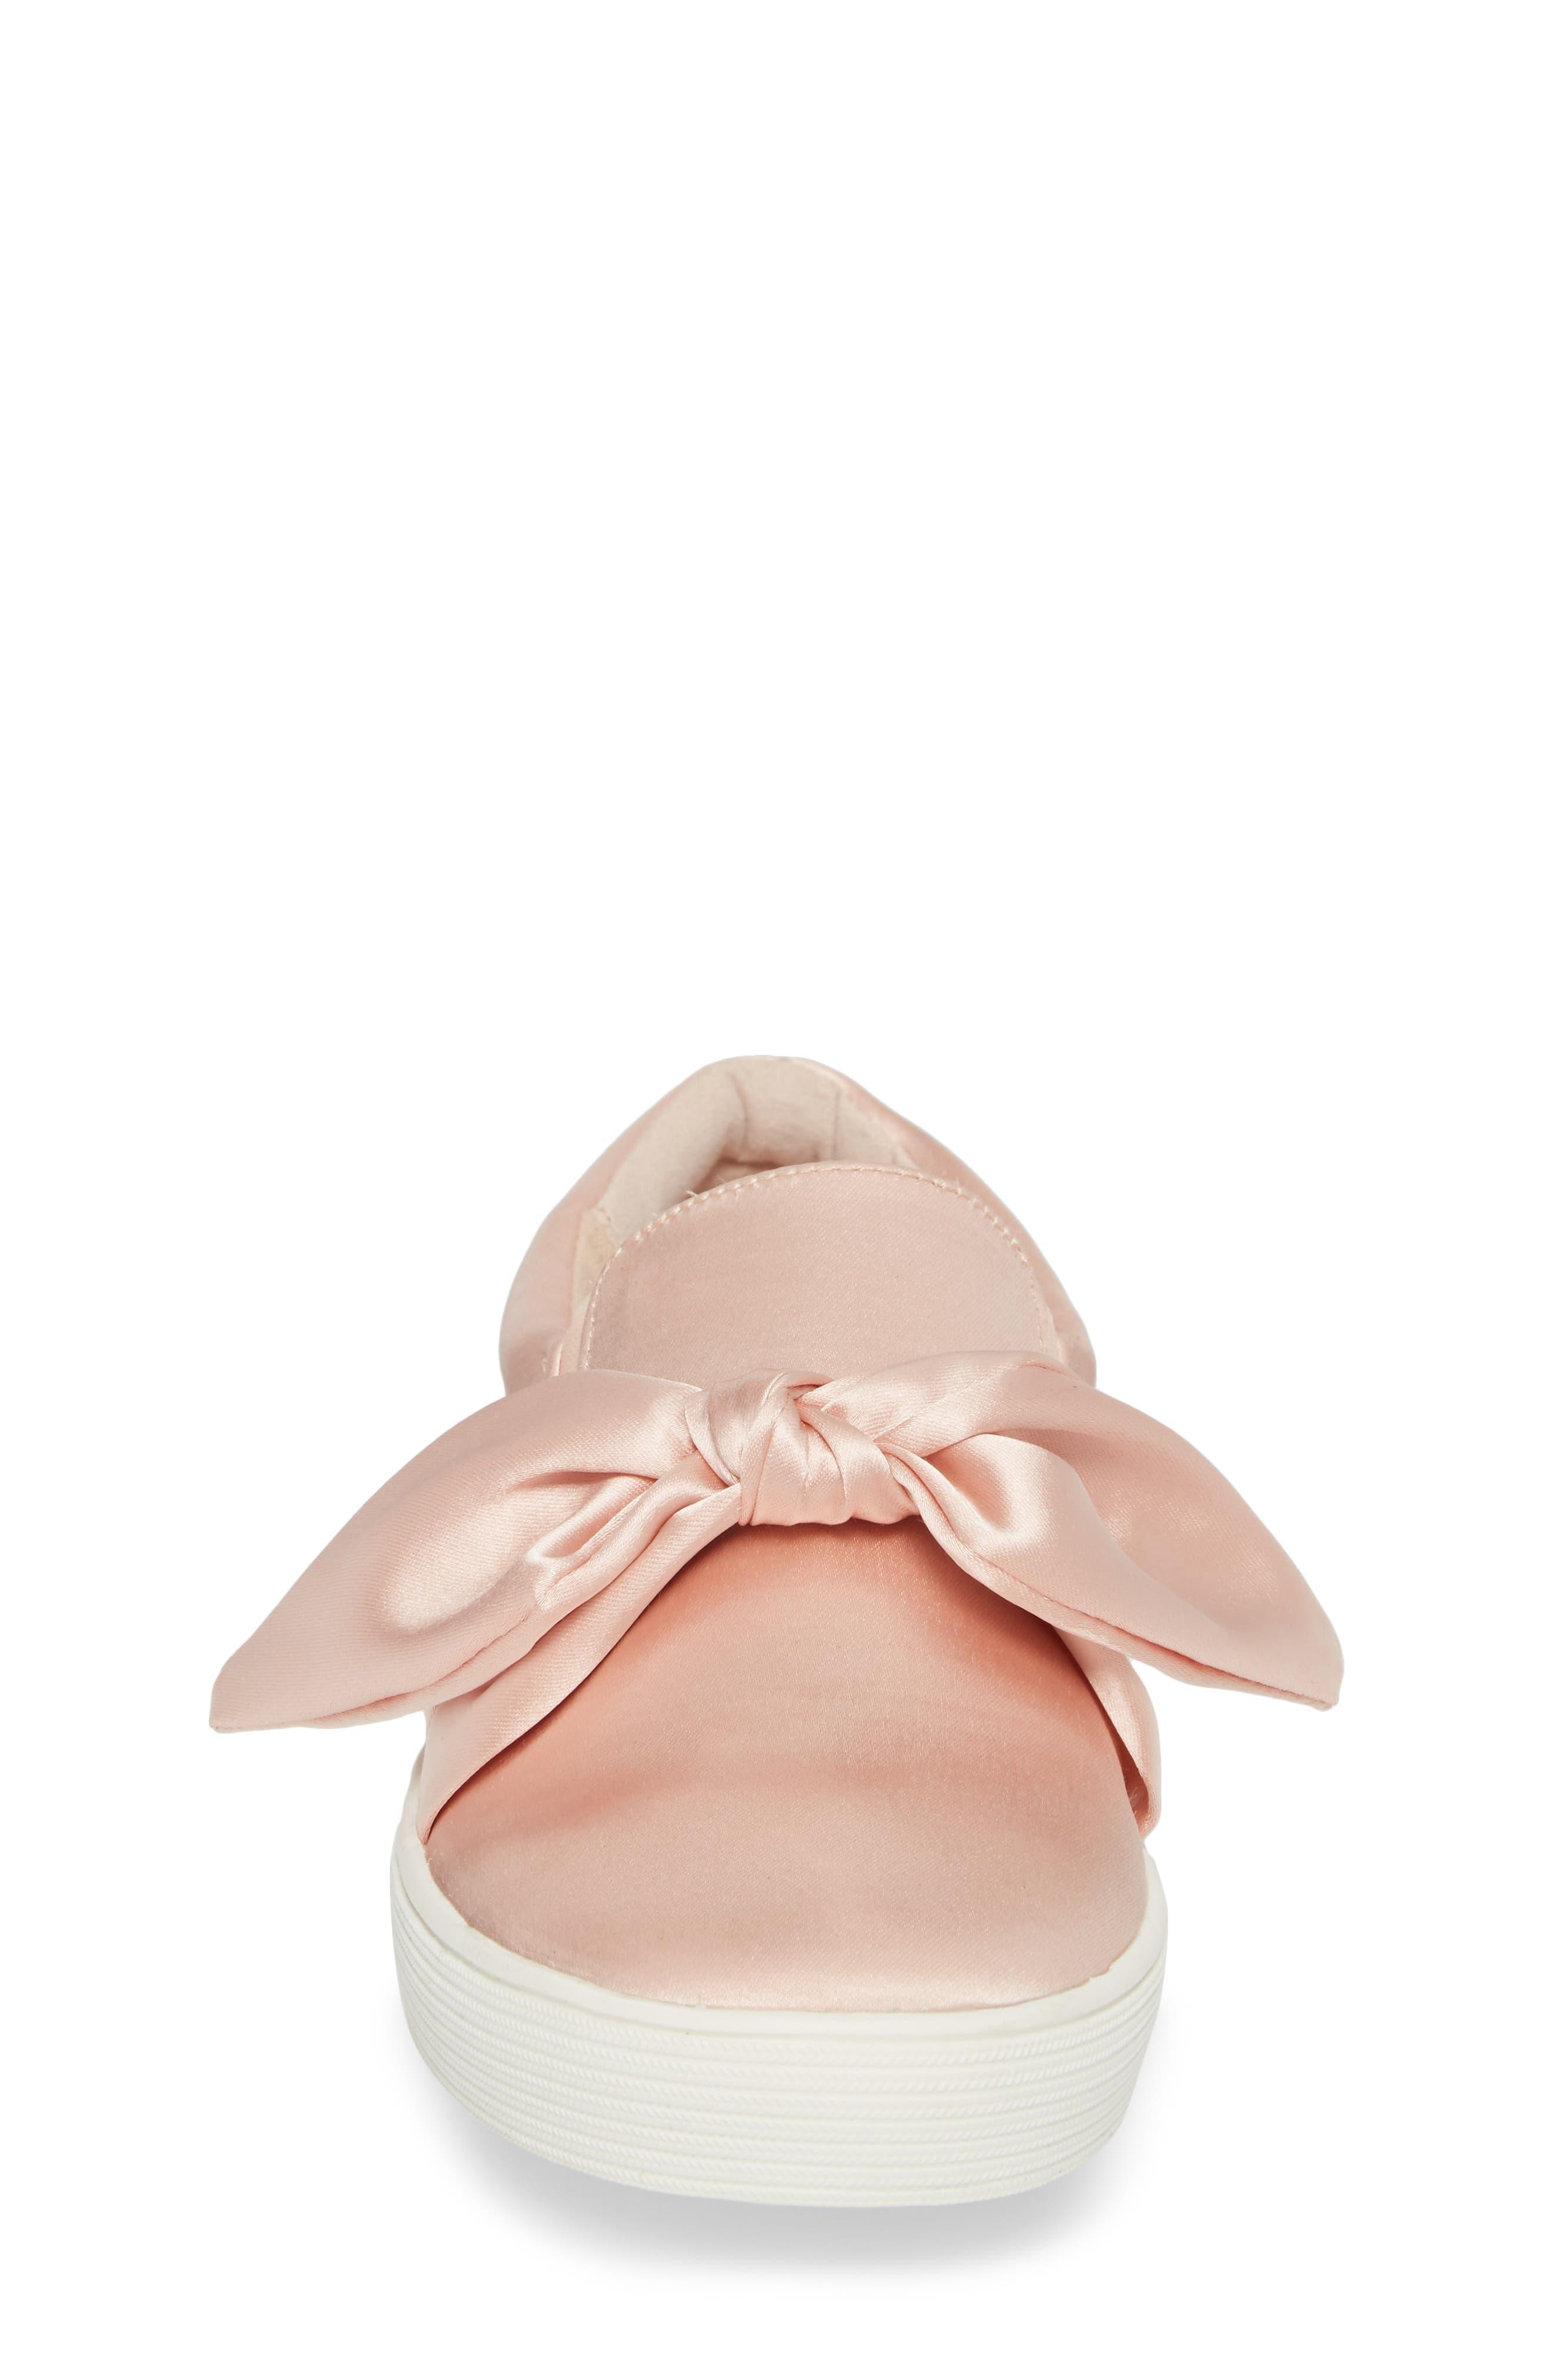 Bella Eden Slip-On Sneaker,                             Alternate thumbnail 4, color,                             Blush Satin